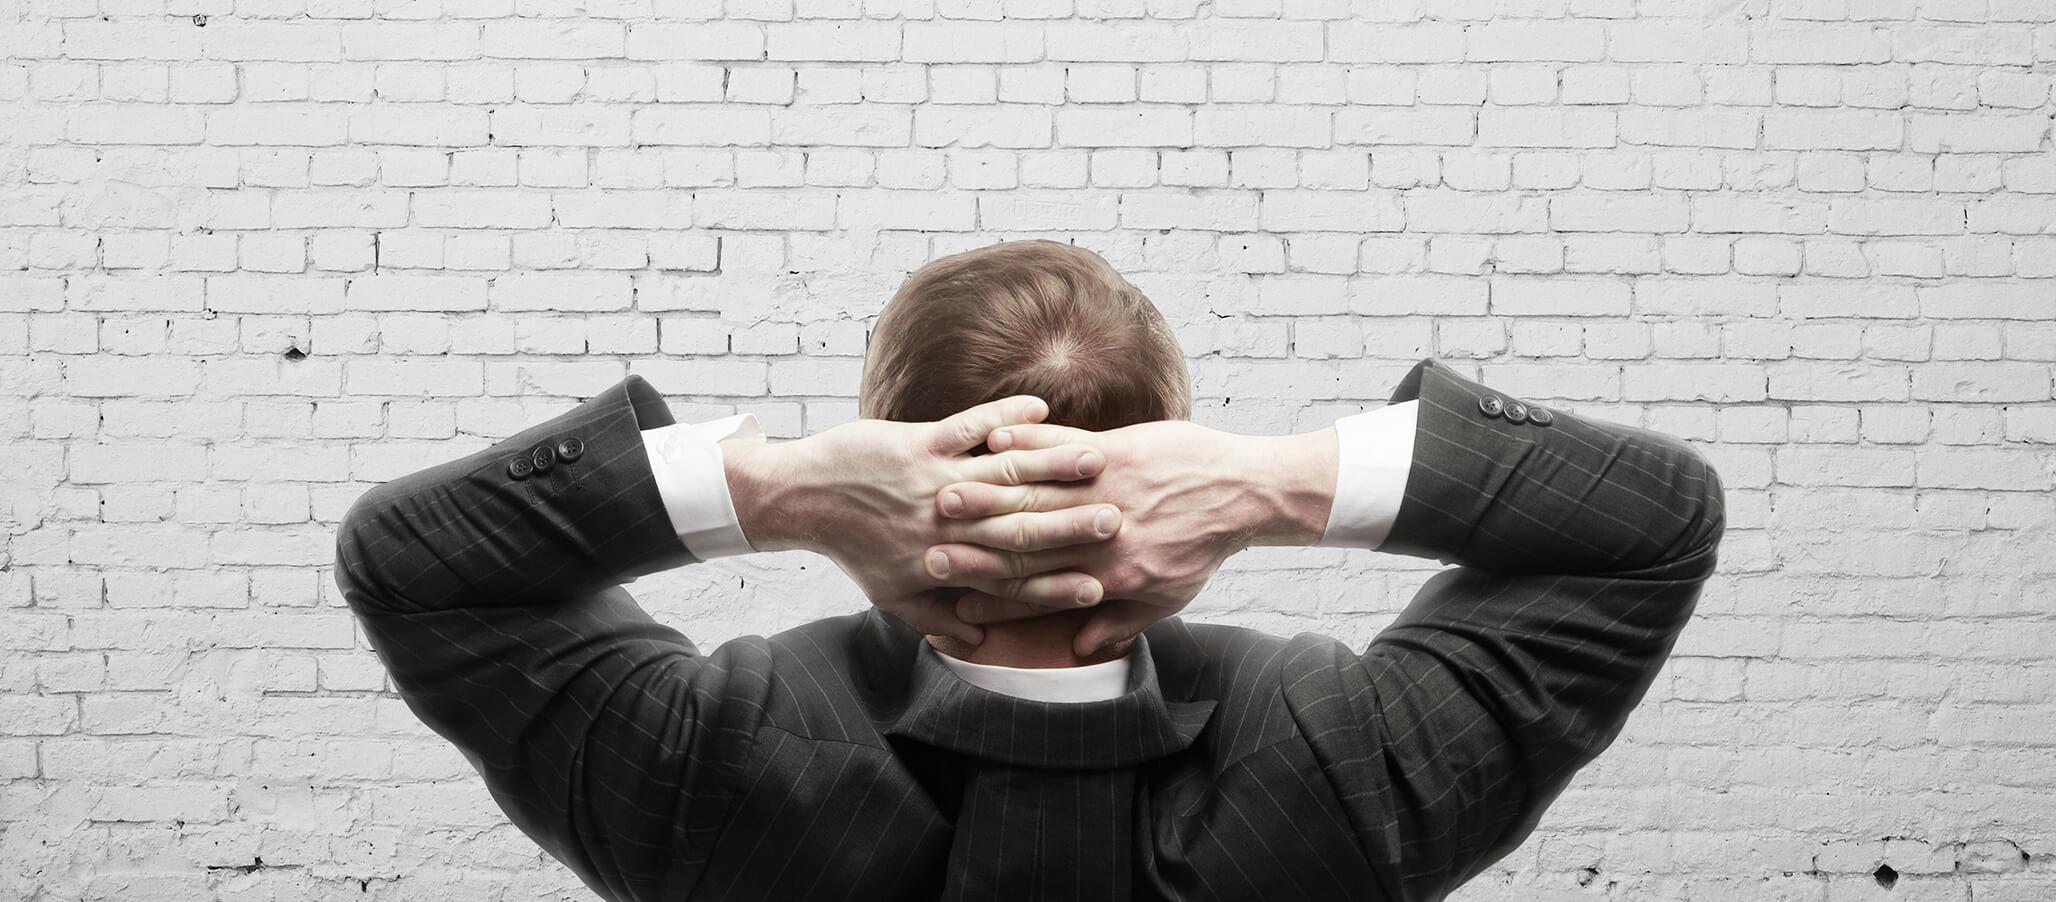 man looking at a blank brick wall